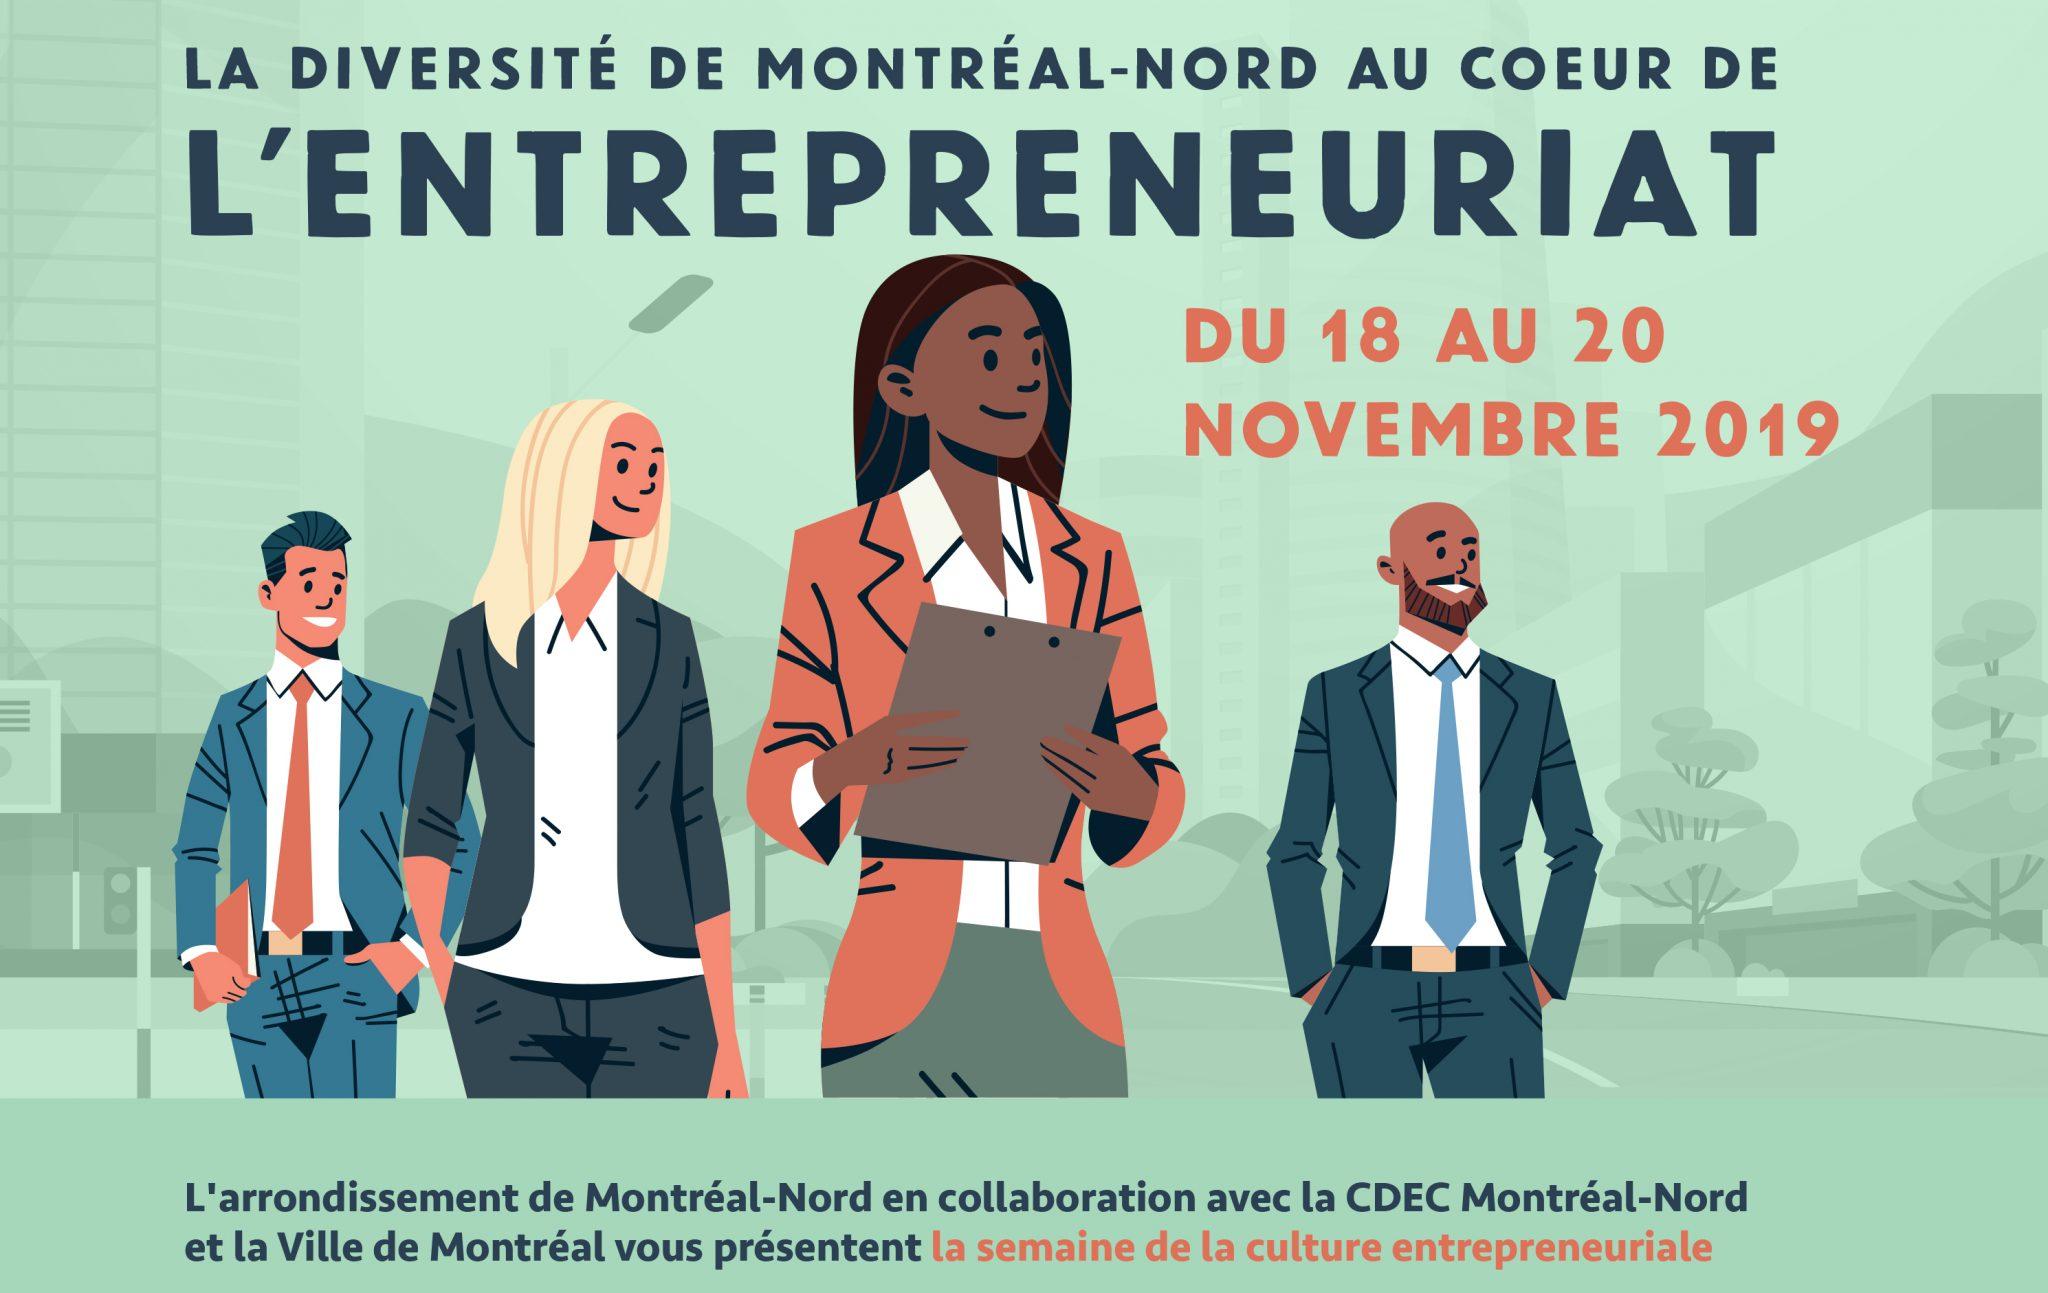 CDEC_poster_entrepreneuriat 2019_11x17_v4